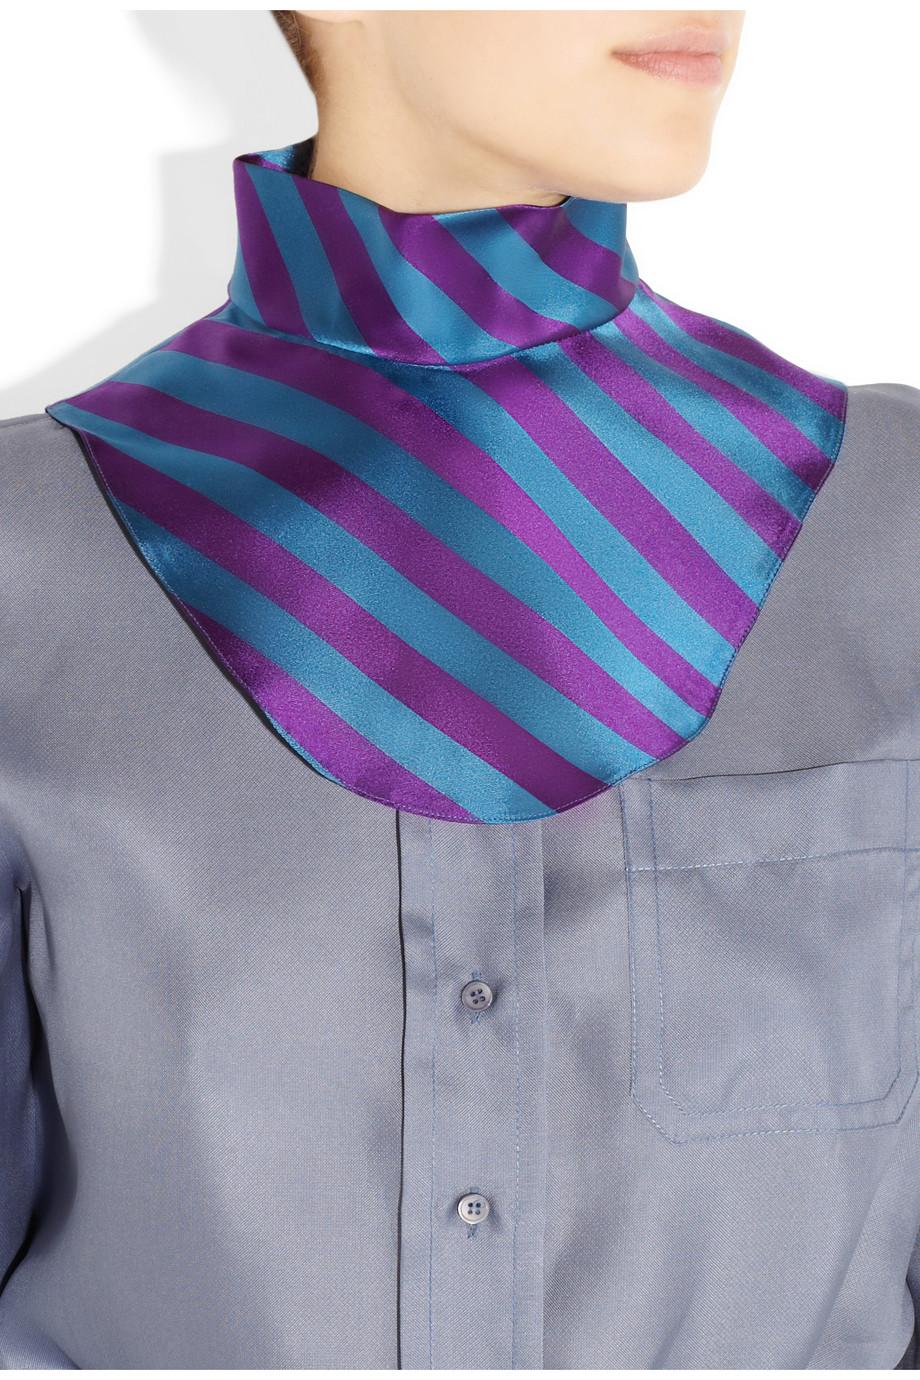 Miu Miu FW12 Collar